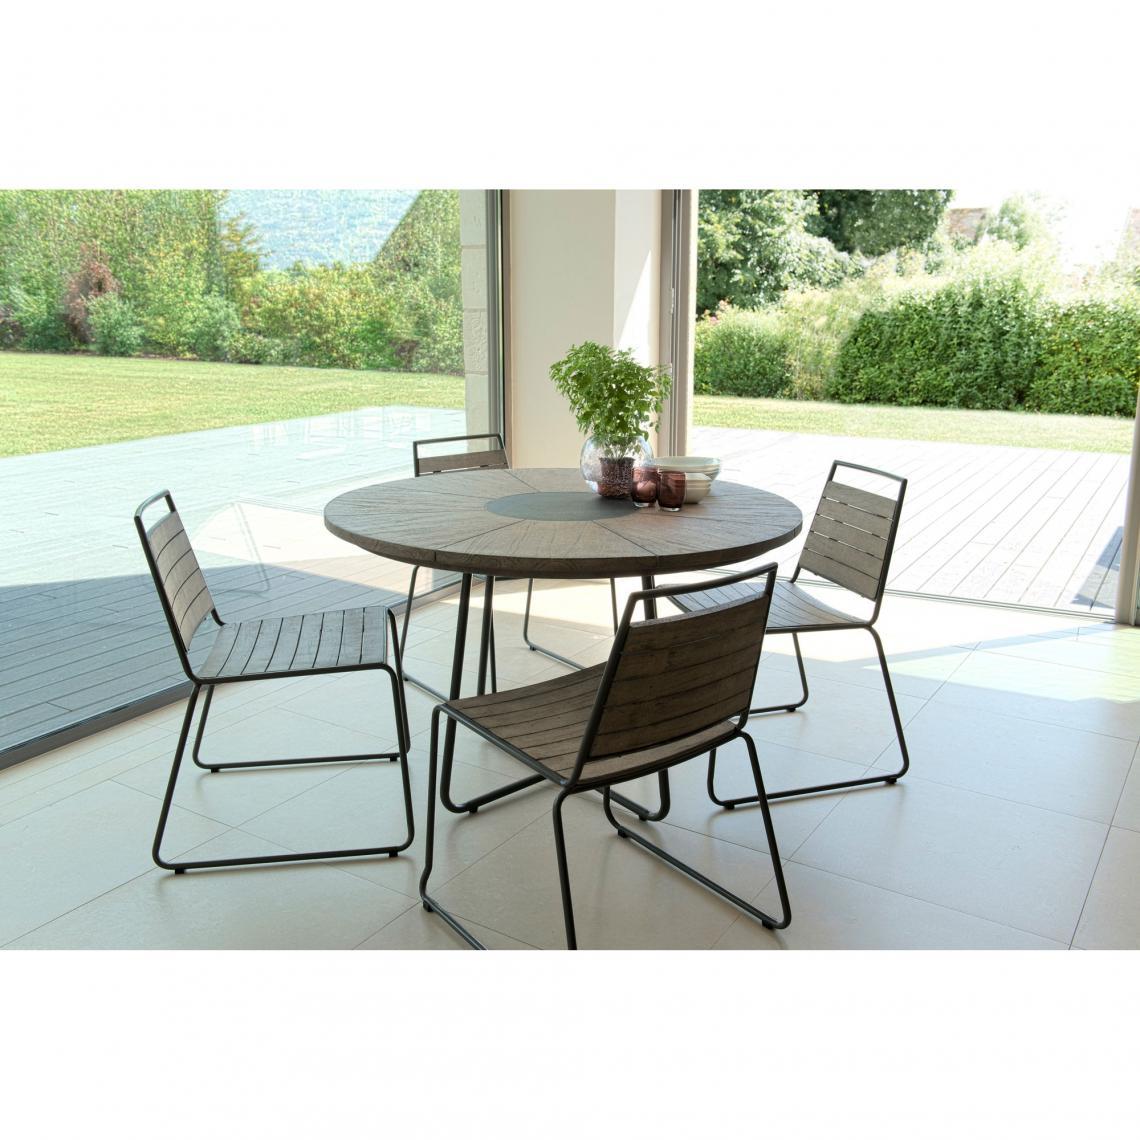 Ensemble table ronde + 4 chaises empilabes en teck massif et ...